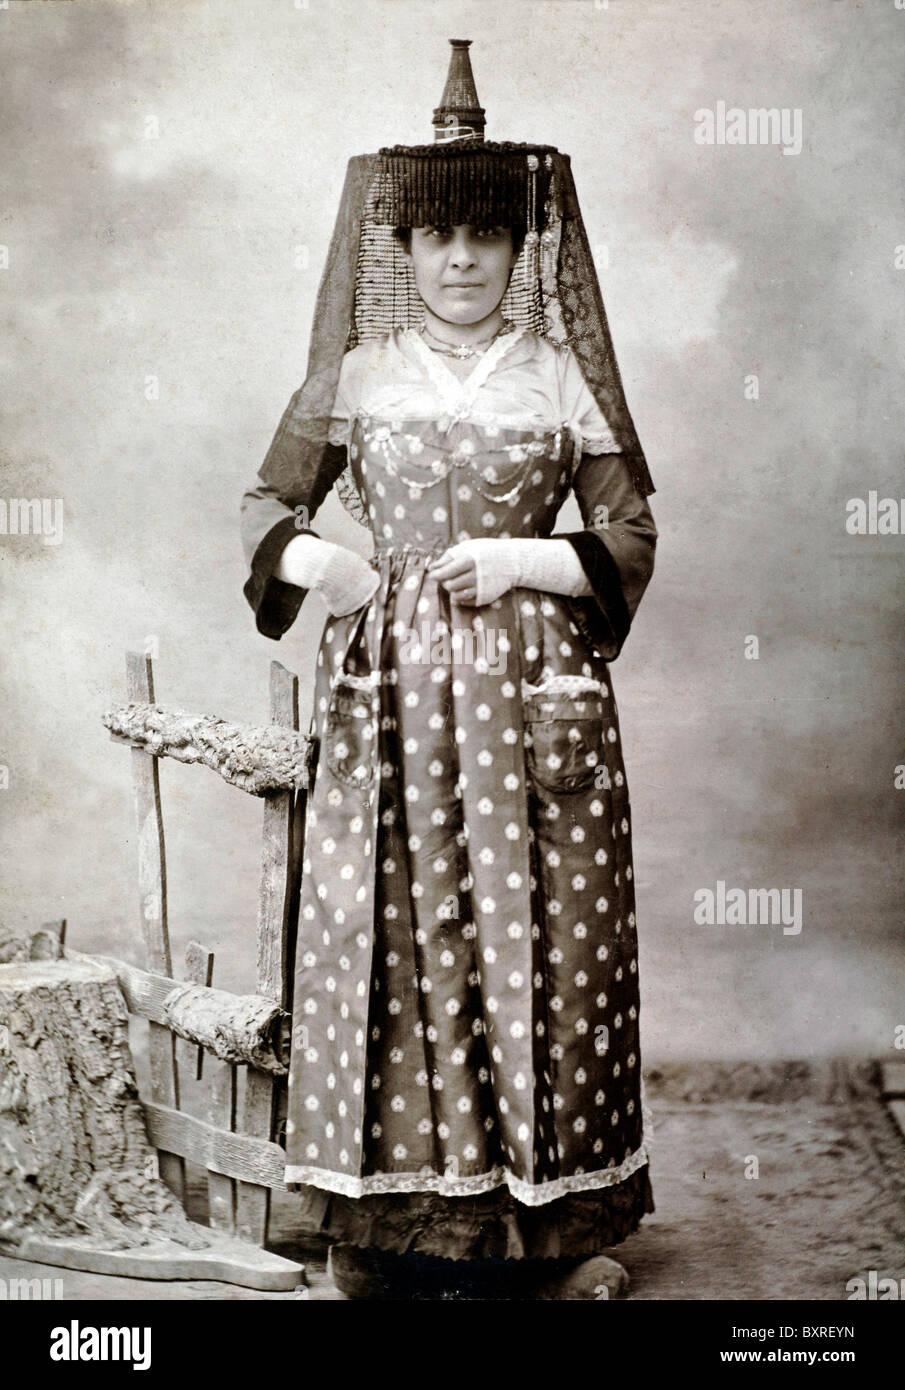 Französisch Frau in traditioneller Folklore oder folkloristische Kostüme von Mâcon, Burgund, Zentralfrankreich Stockbild